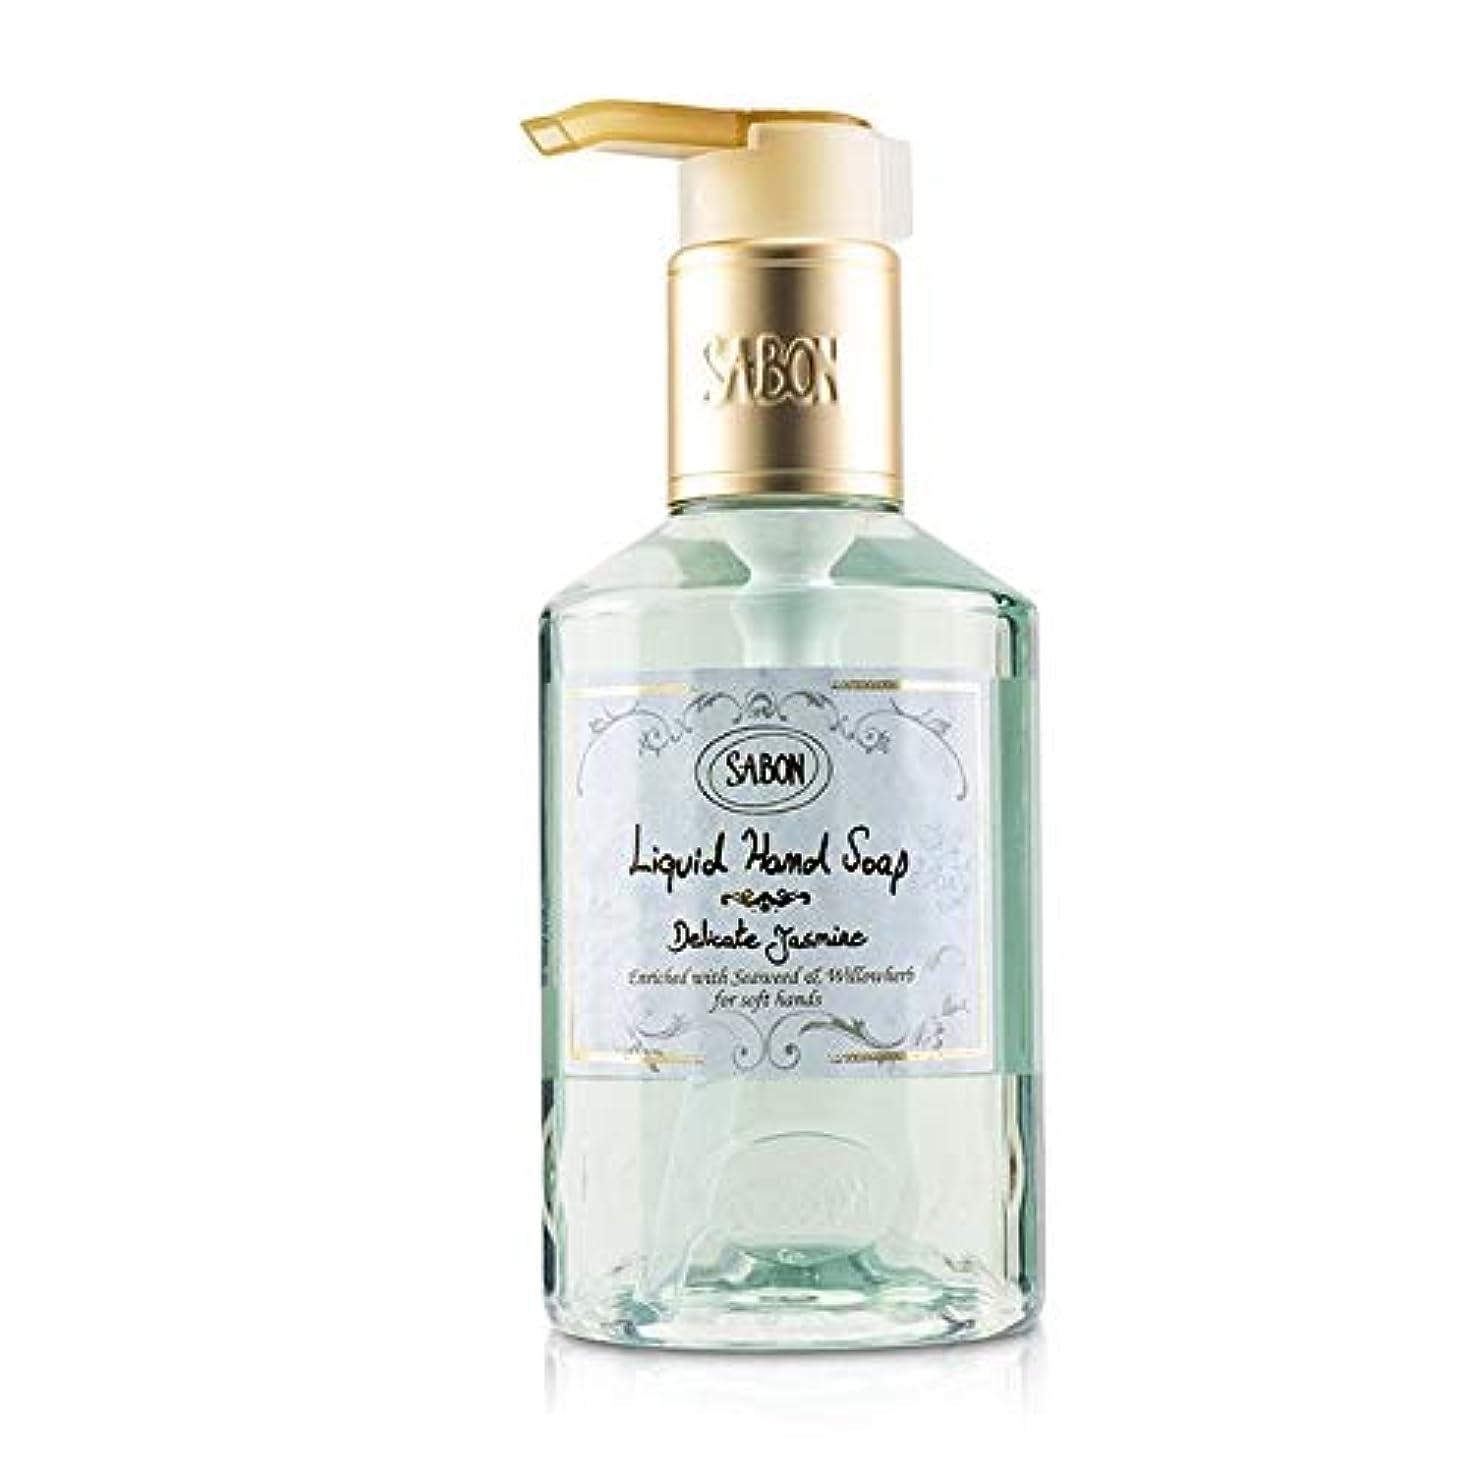 誓約バリアリーサボン Liquid Hand Soap - Delicate Jasmine 200ml/7oz並行輸入品